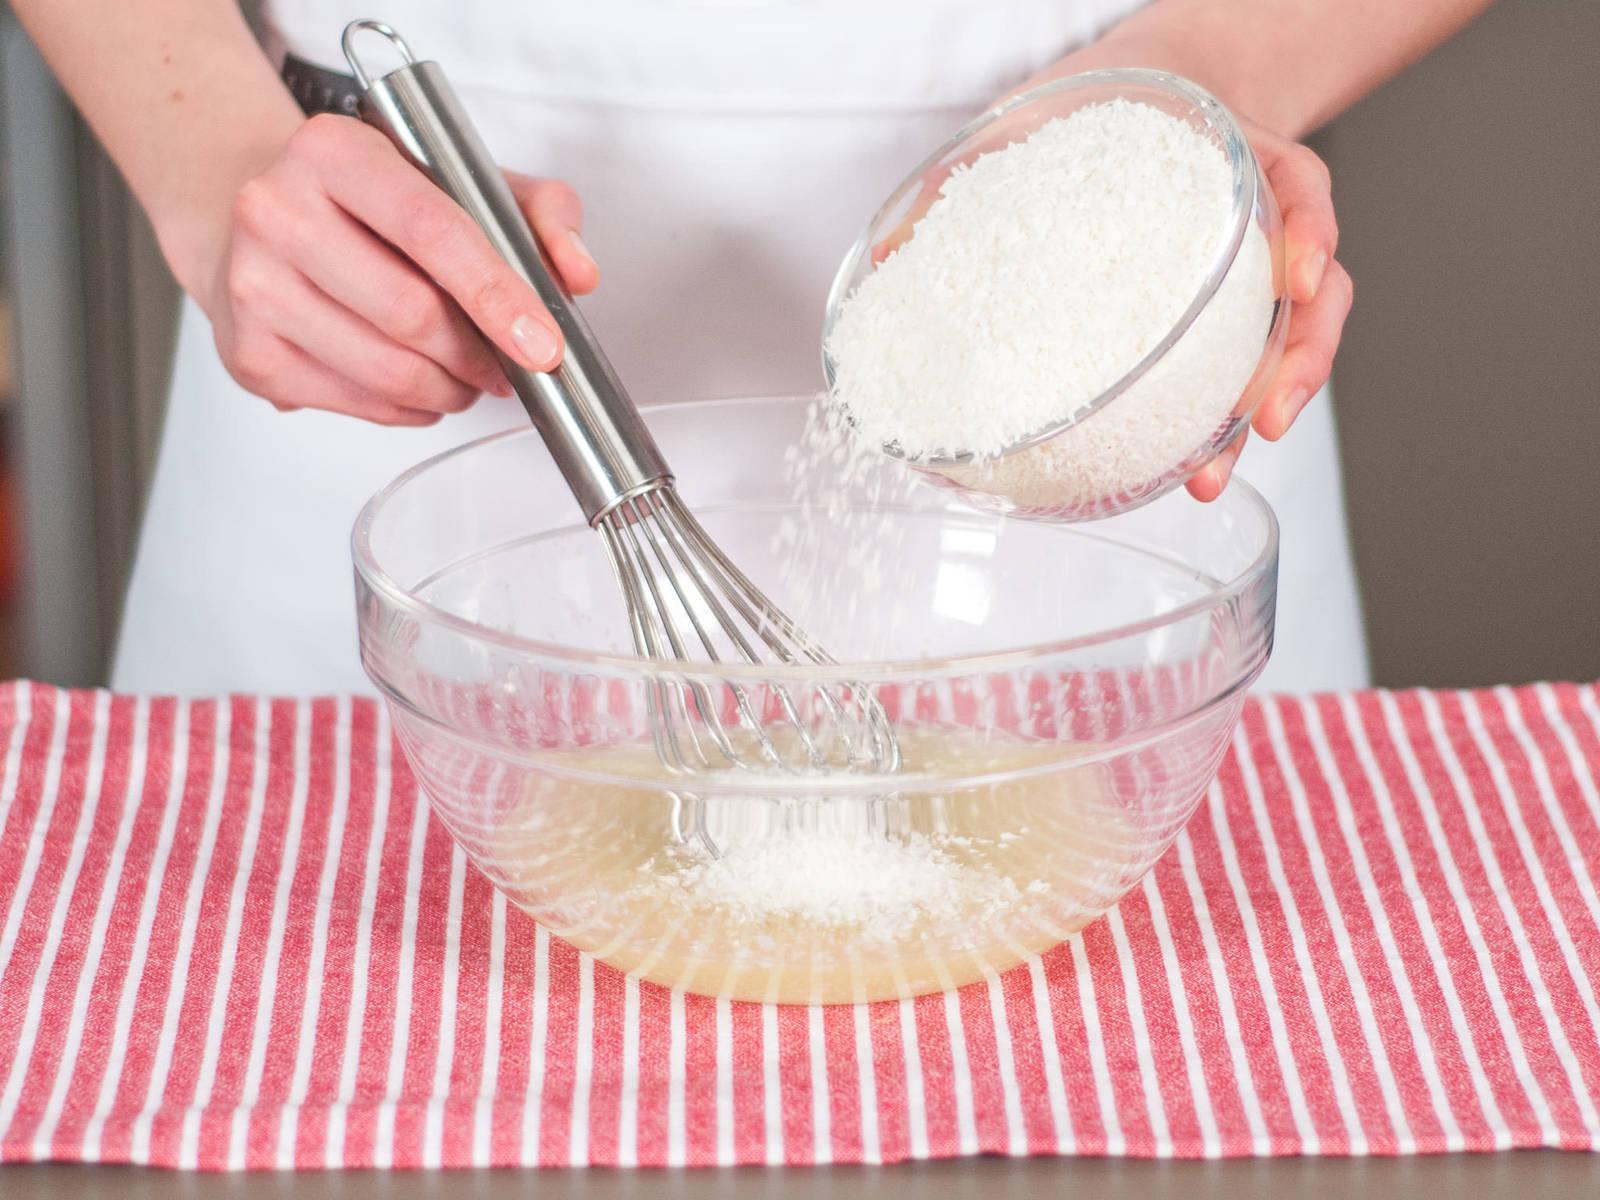 加入剩余的椰蓉并搅拌均匀。在蛋糕上涂上椰蓉糖霜作为爽口的夏日甜品享用吧!